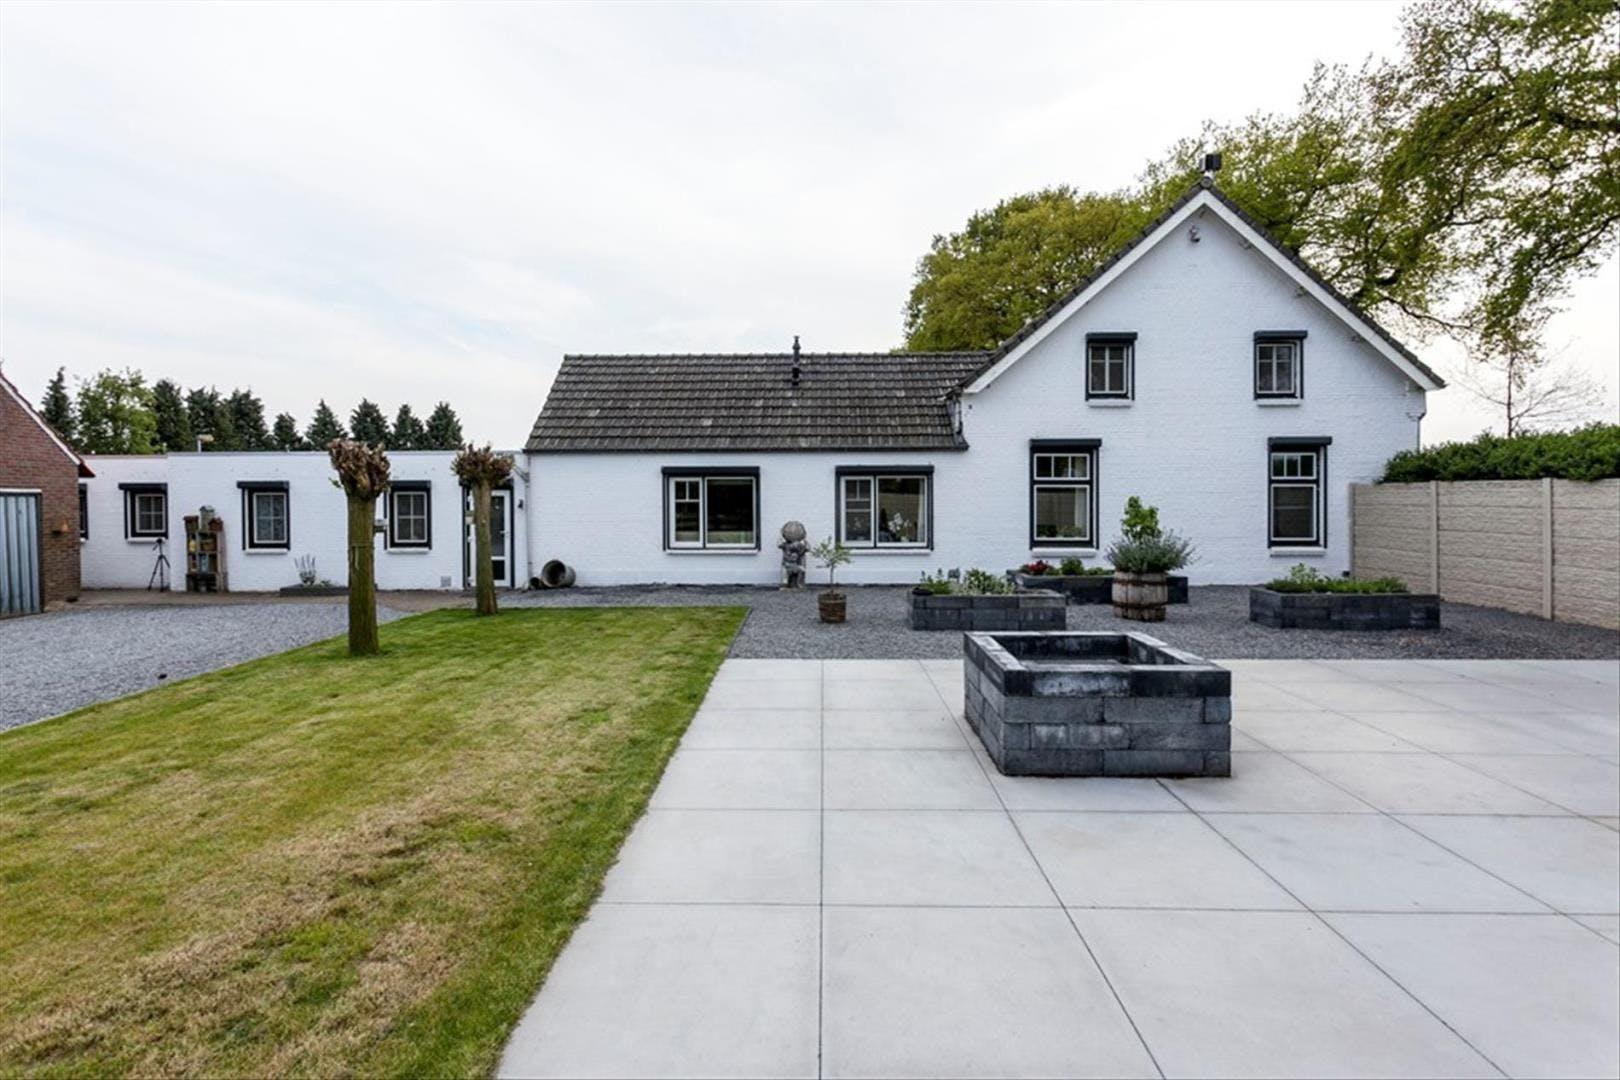 Huis te koop | Hobbyboerderij in Horst aan de Maas | BNR ...